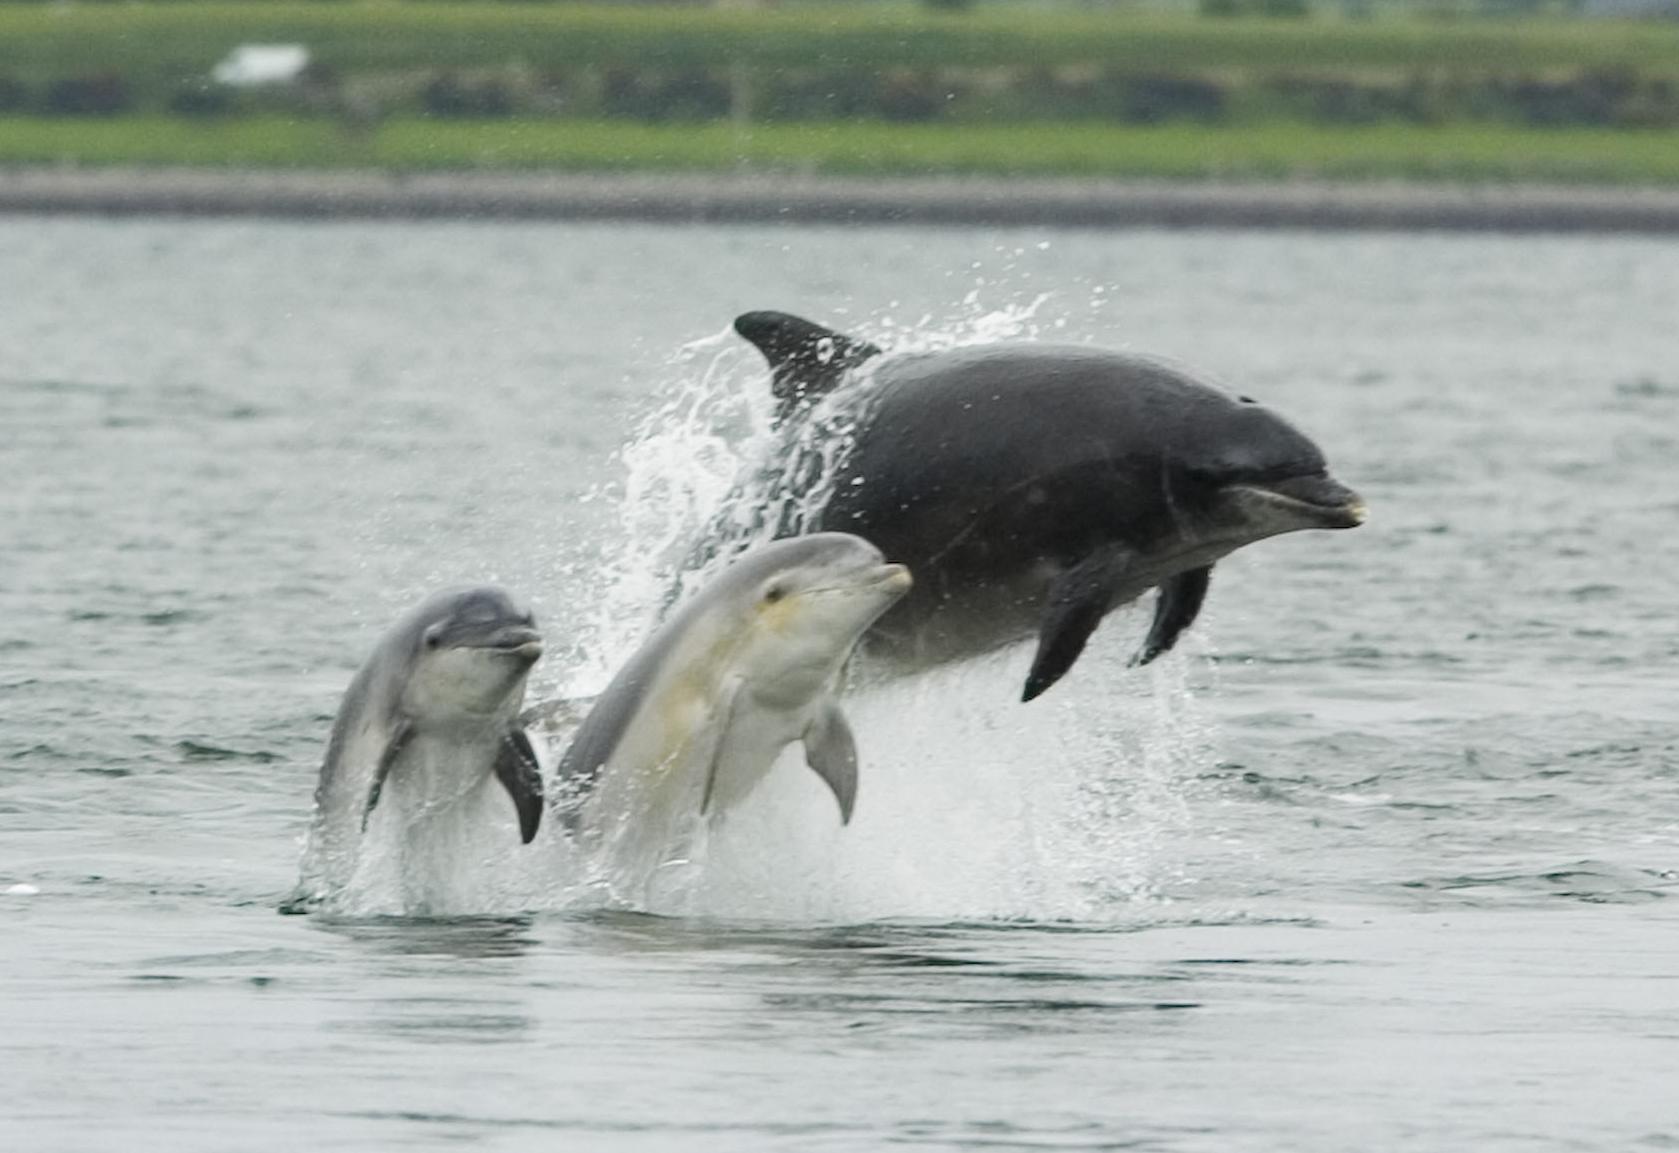 Monitors track noisy ships in dolphin habitat